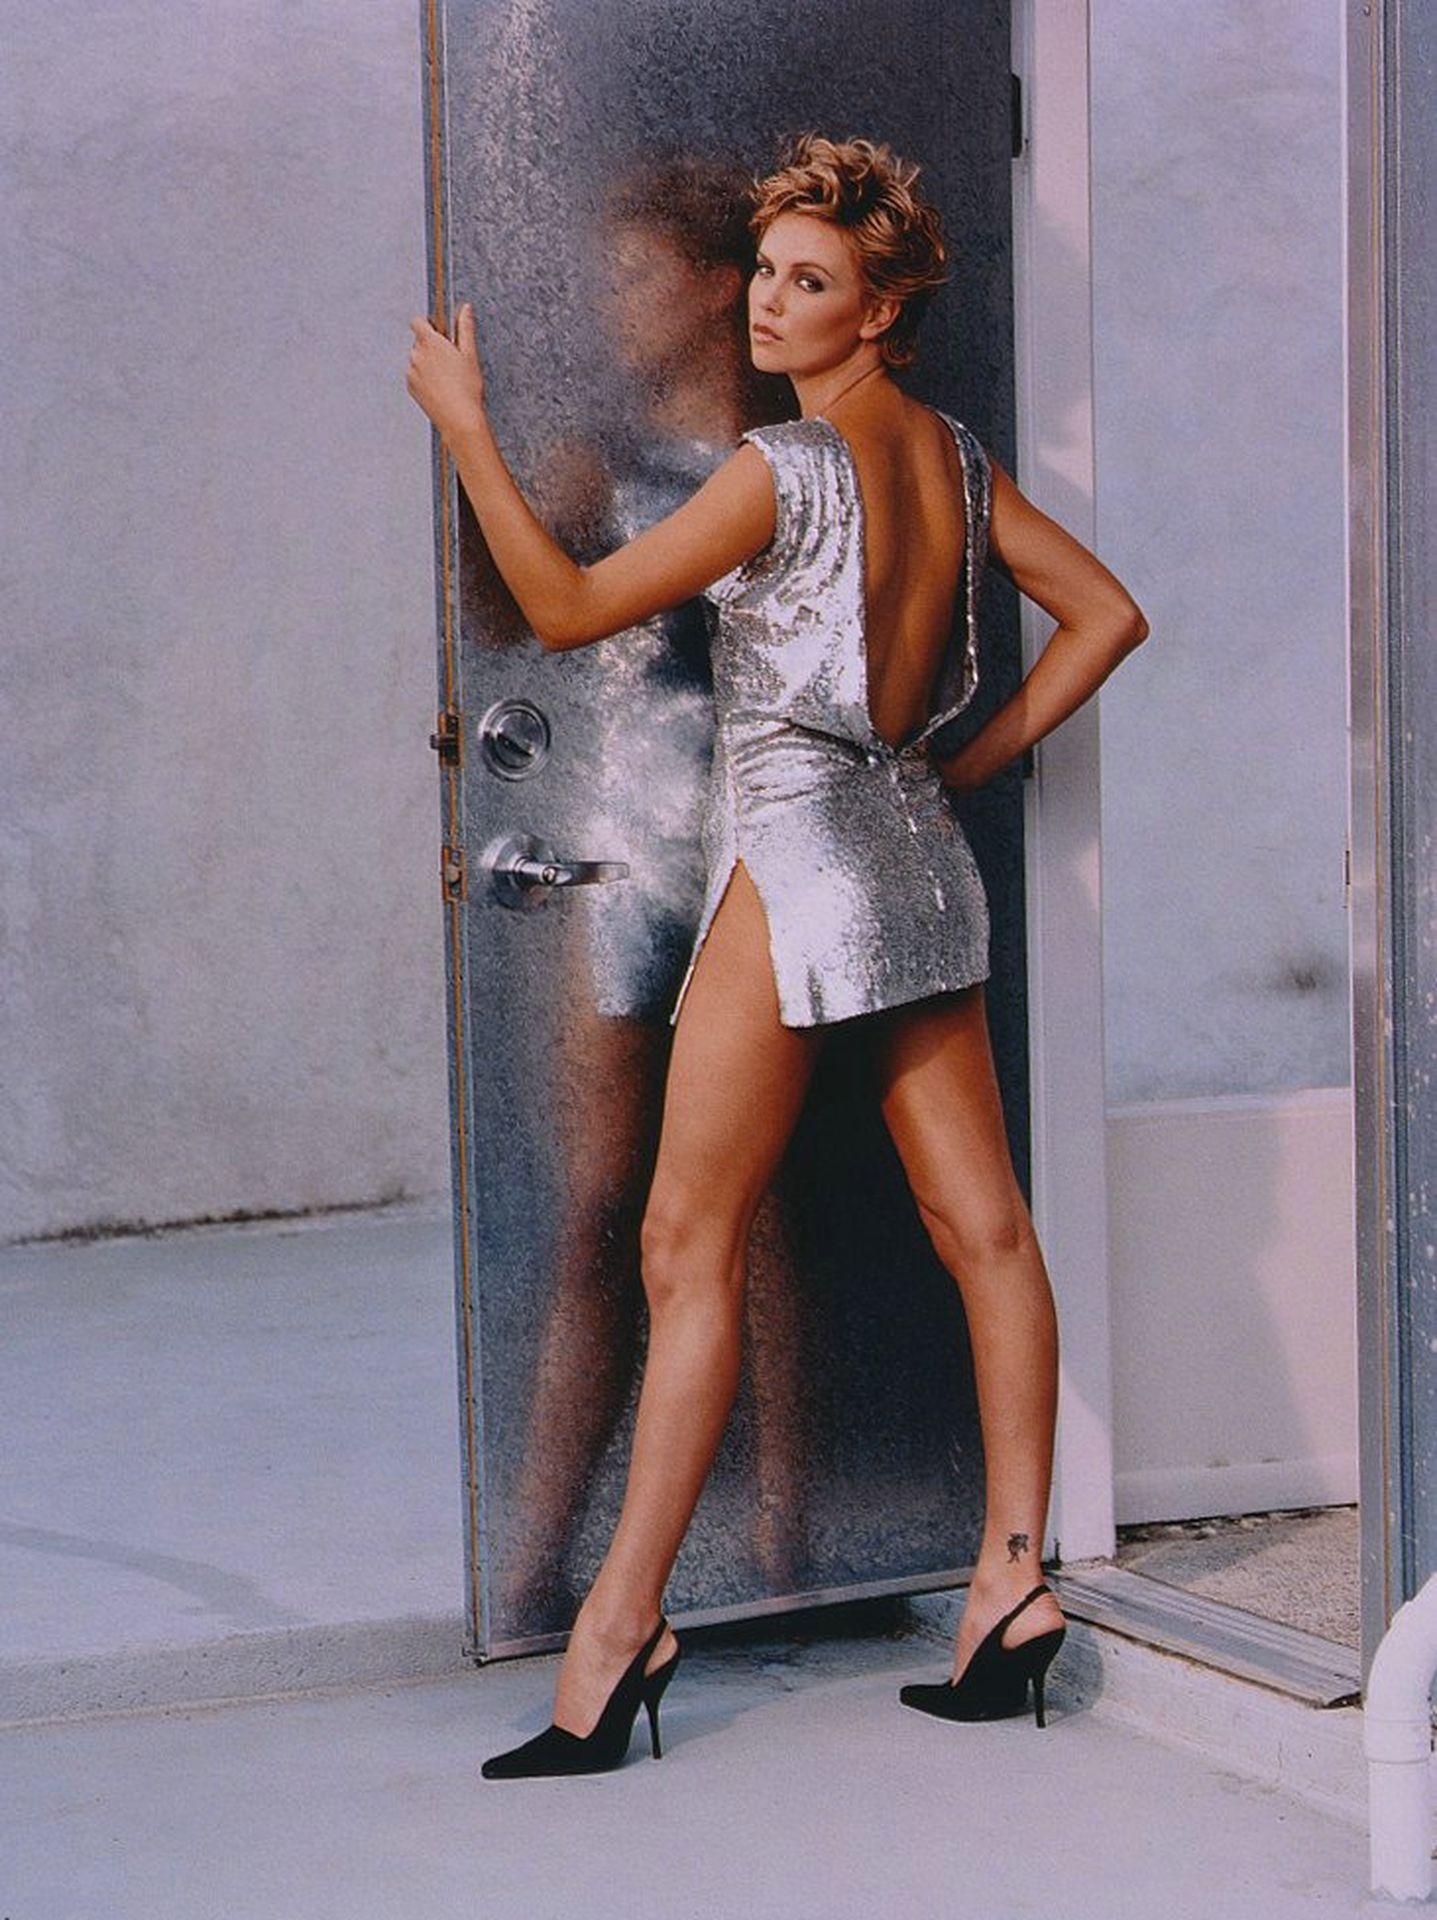 Фотосессии Шарлиз Терон фотосессии в Playboy, GQ... кэти перри инстаграм